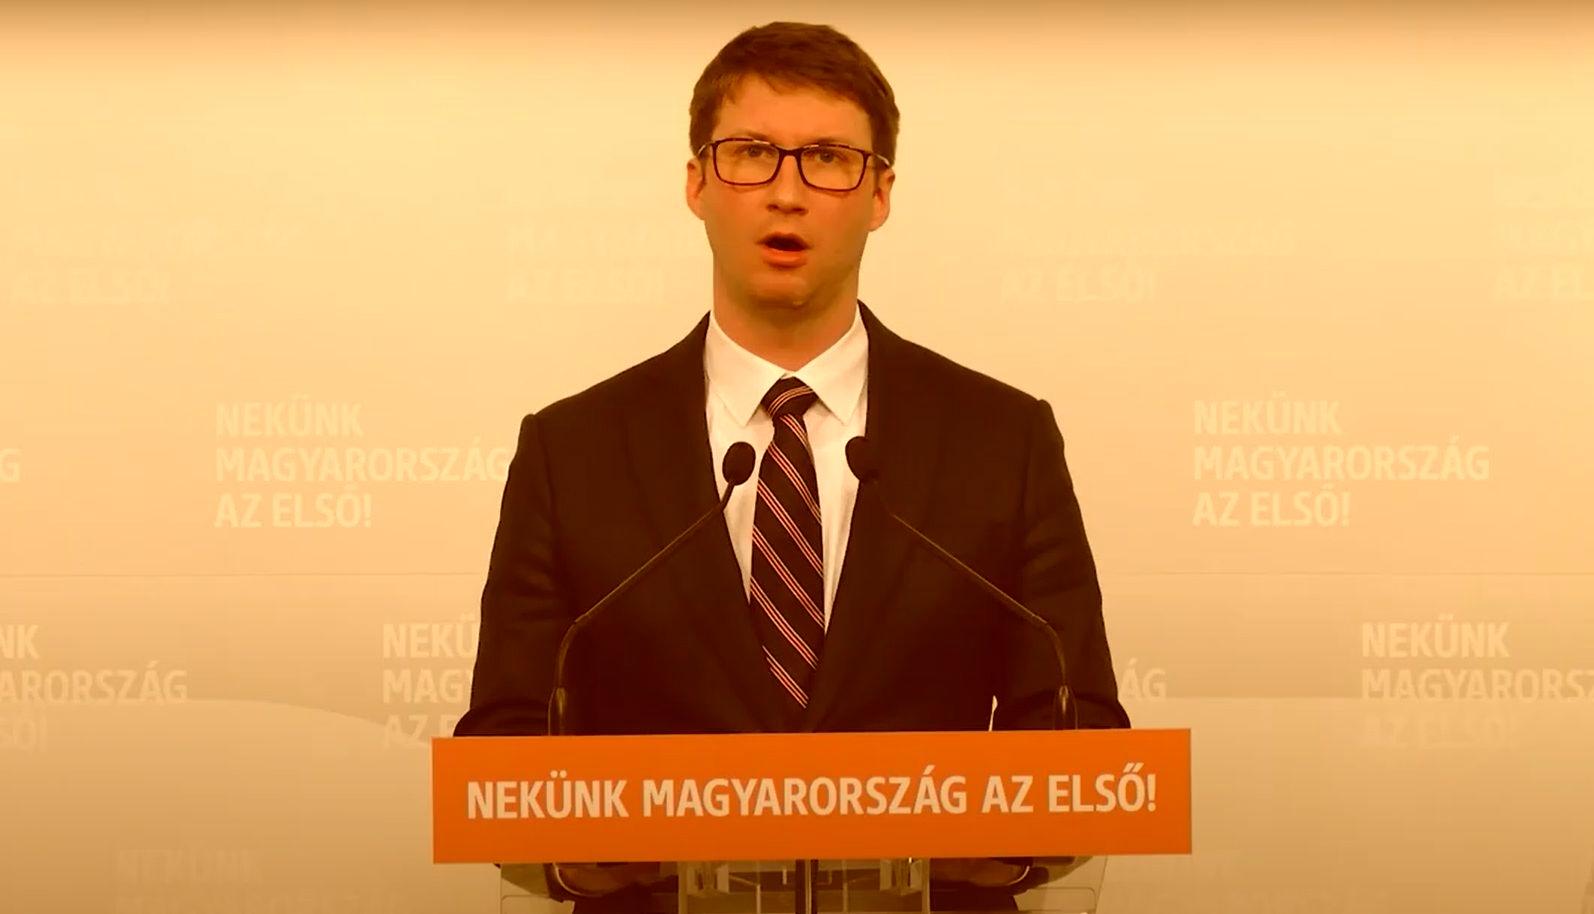 Nagyon kemény felszólítást küldött a kormánynak a Fidesz